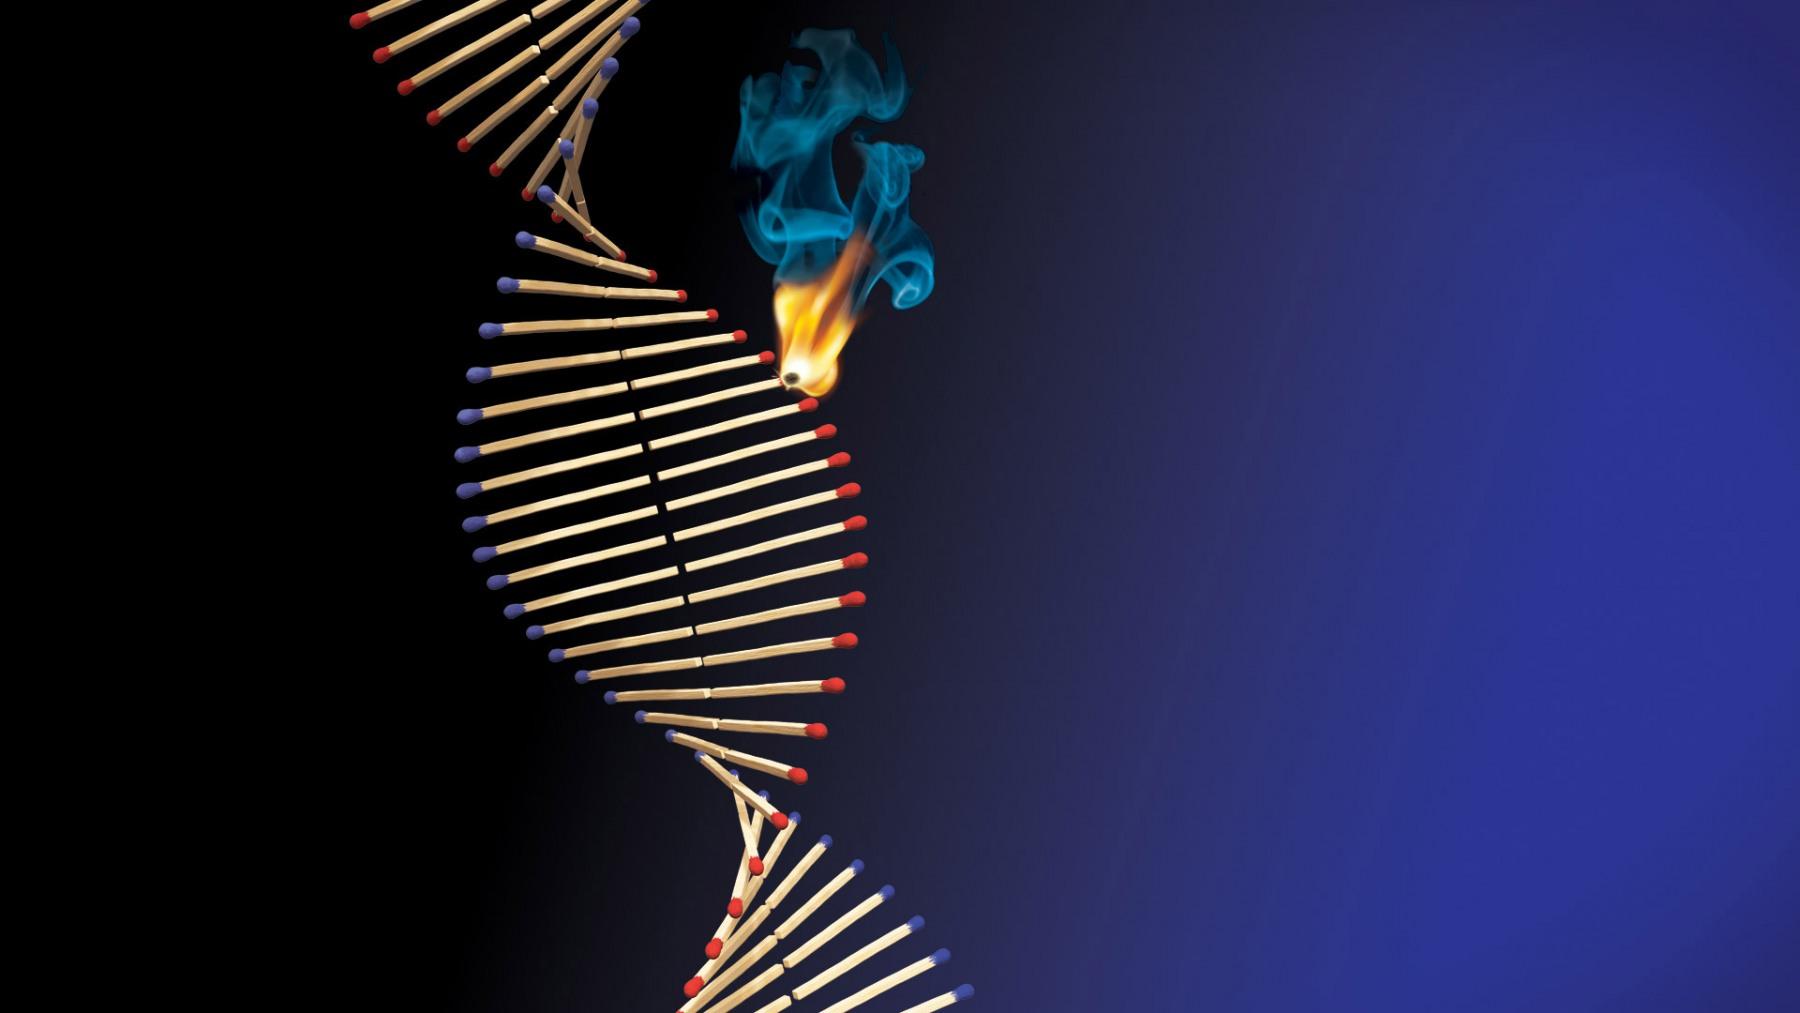 MATCHSTICK DNA